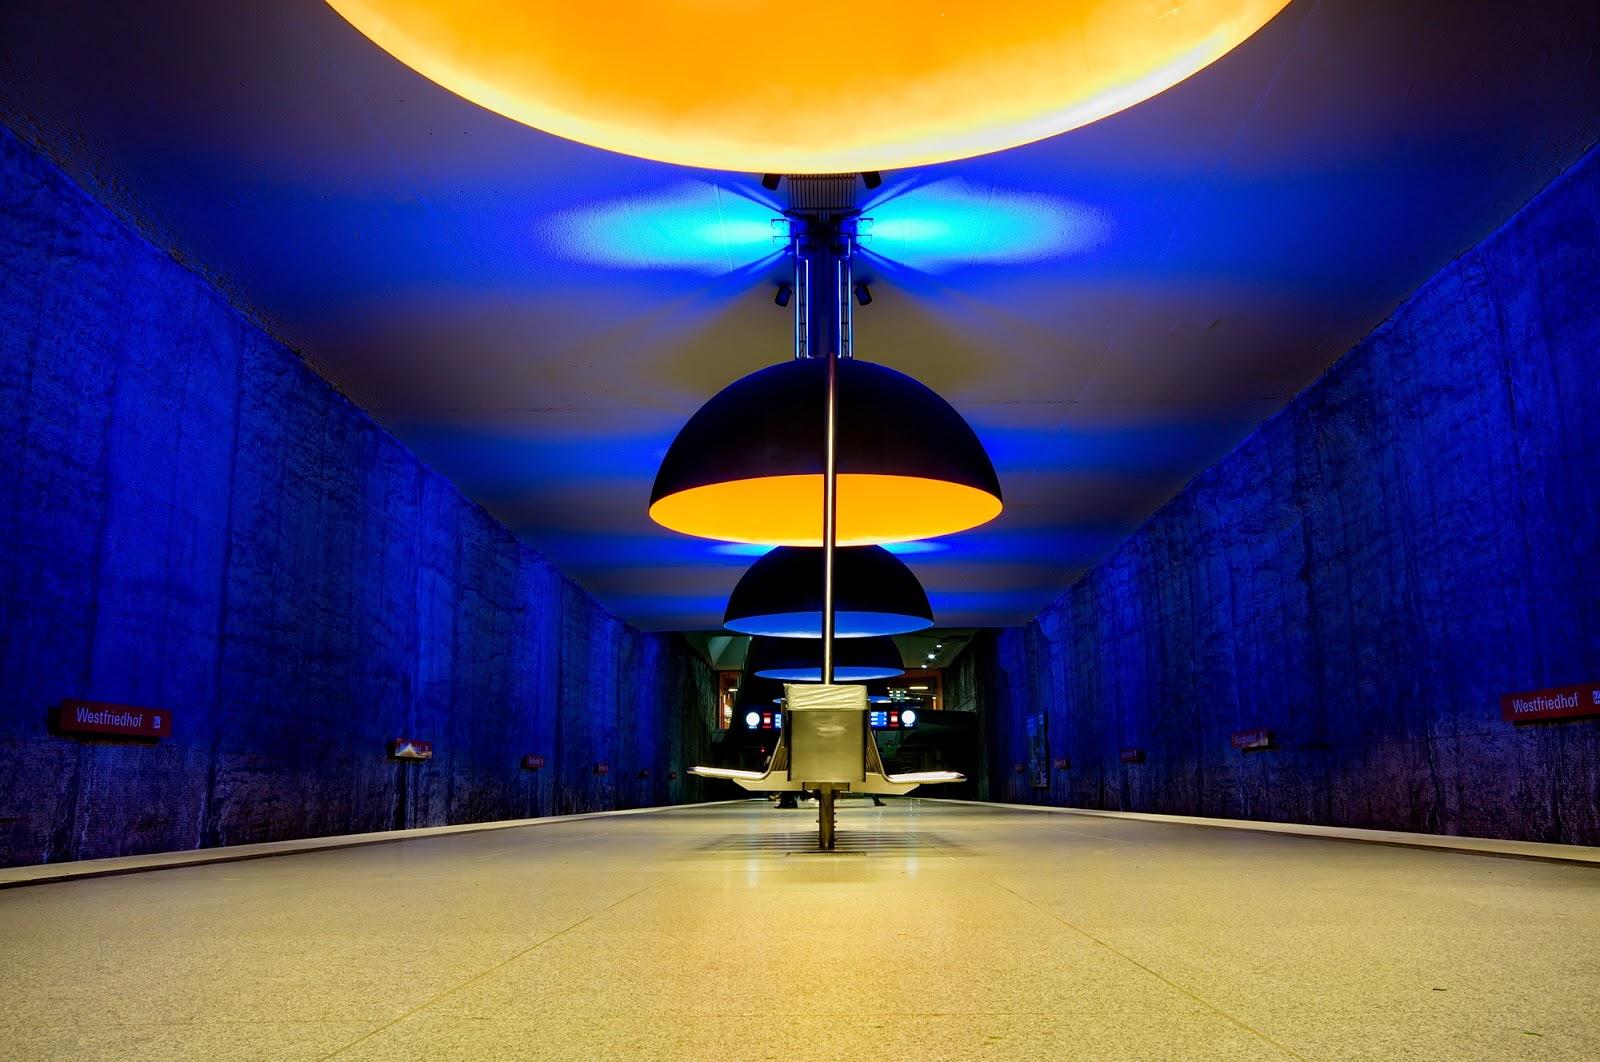 Die farbigen Leuchten des Designers Ingo Maurer schmücken die Haltestelle Westfriedhof